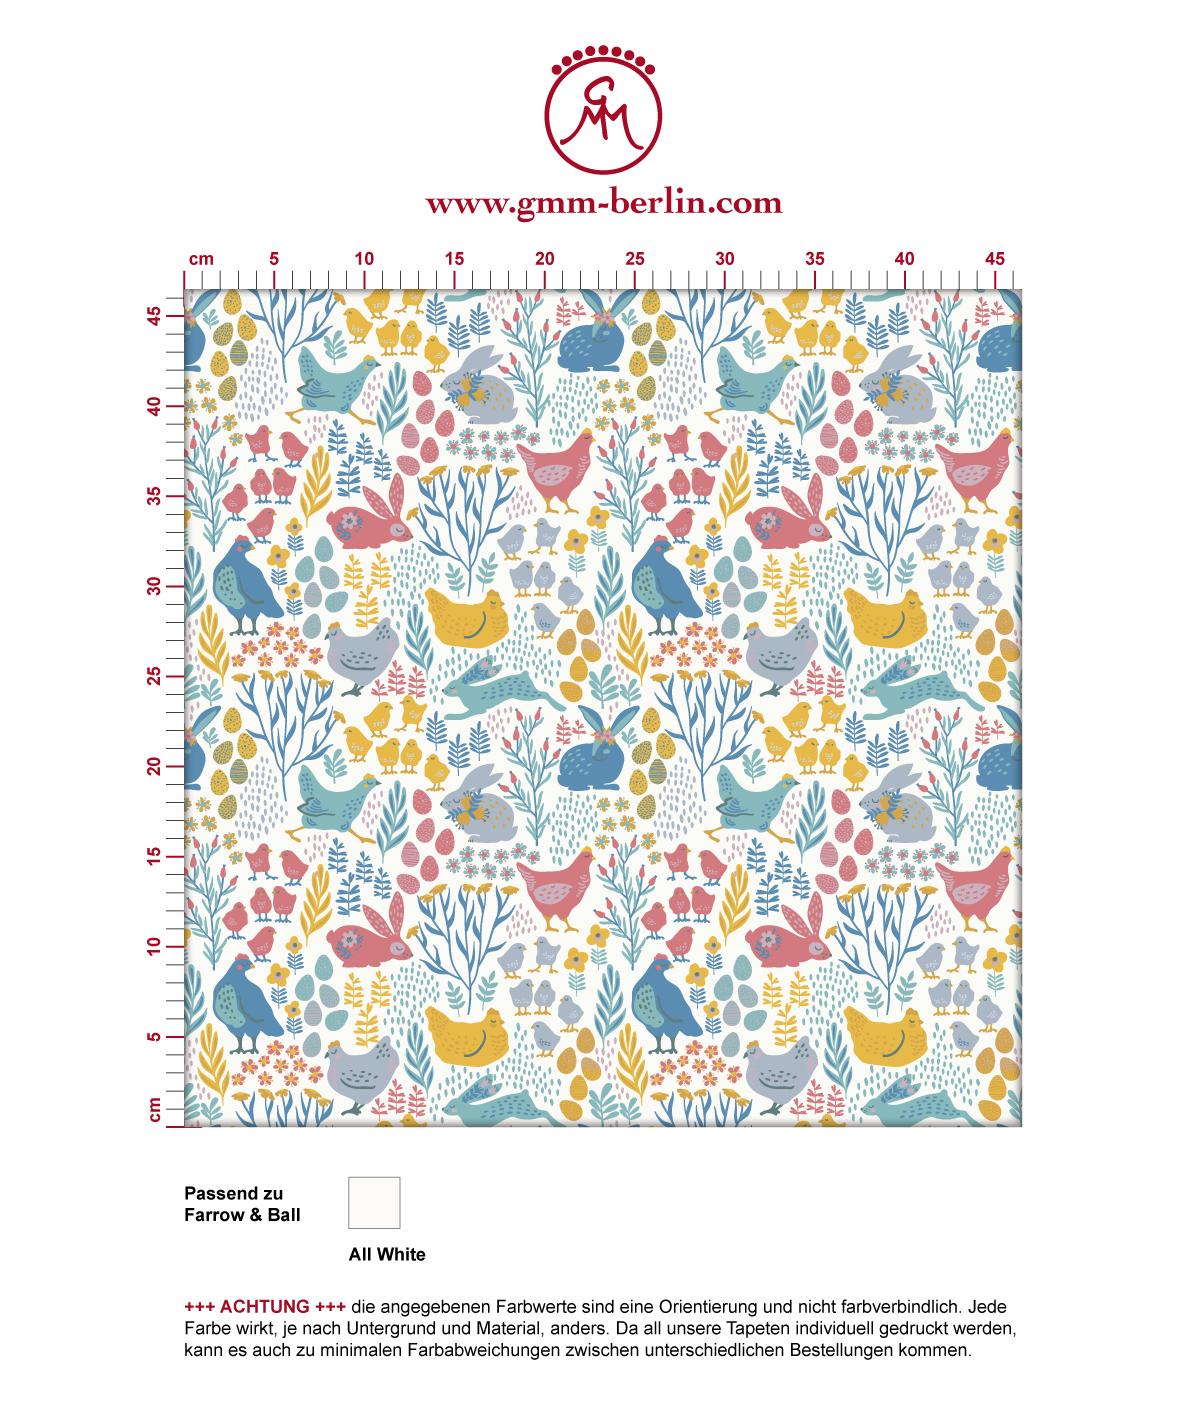 """Tapete """"Hoppelgarten"""" mit bunten Hühnern, Hasen und Blumen vom Land in Farbe 2 angepasst an Farrow & Ball Wandfarben"""